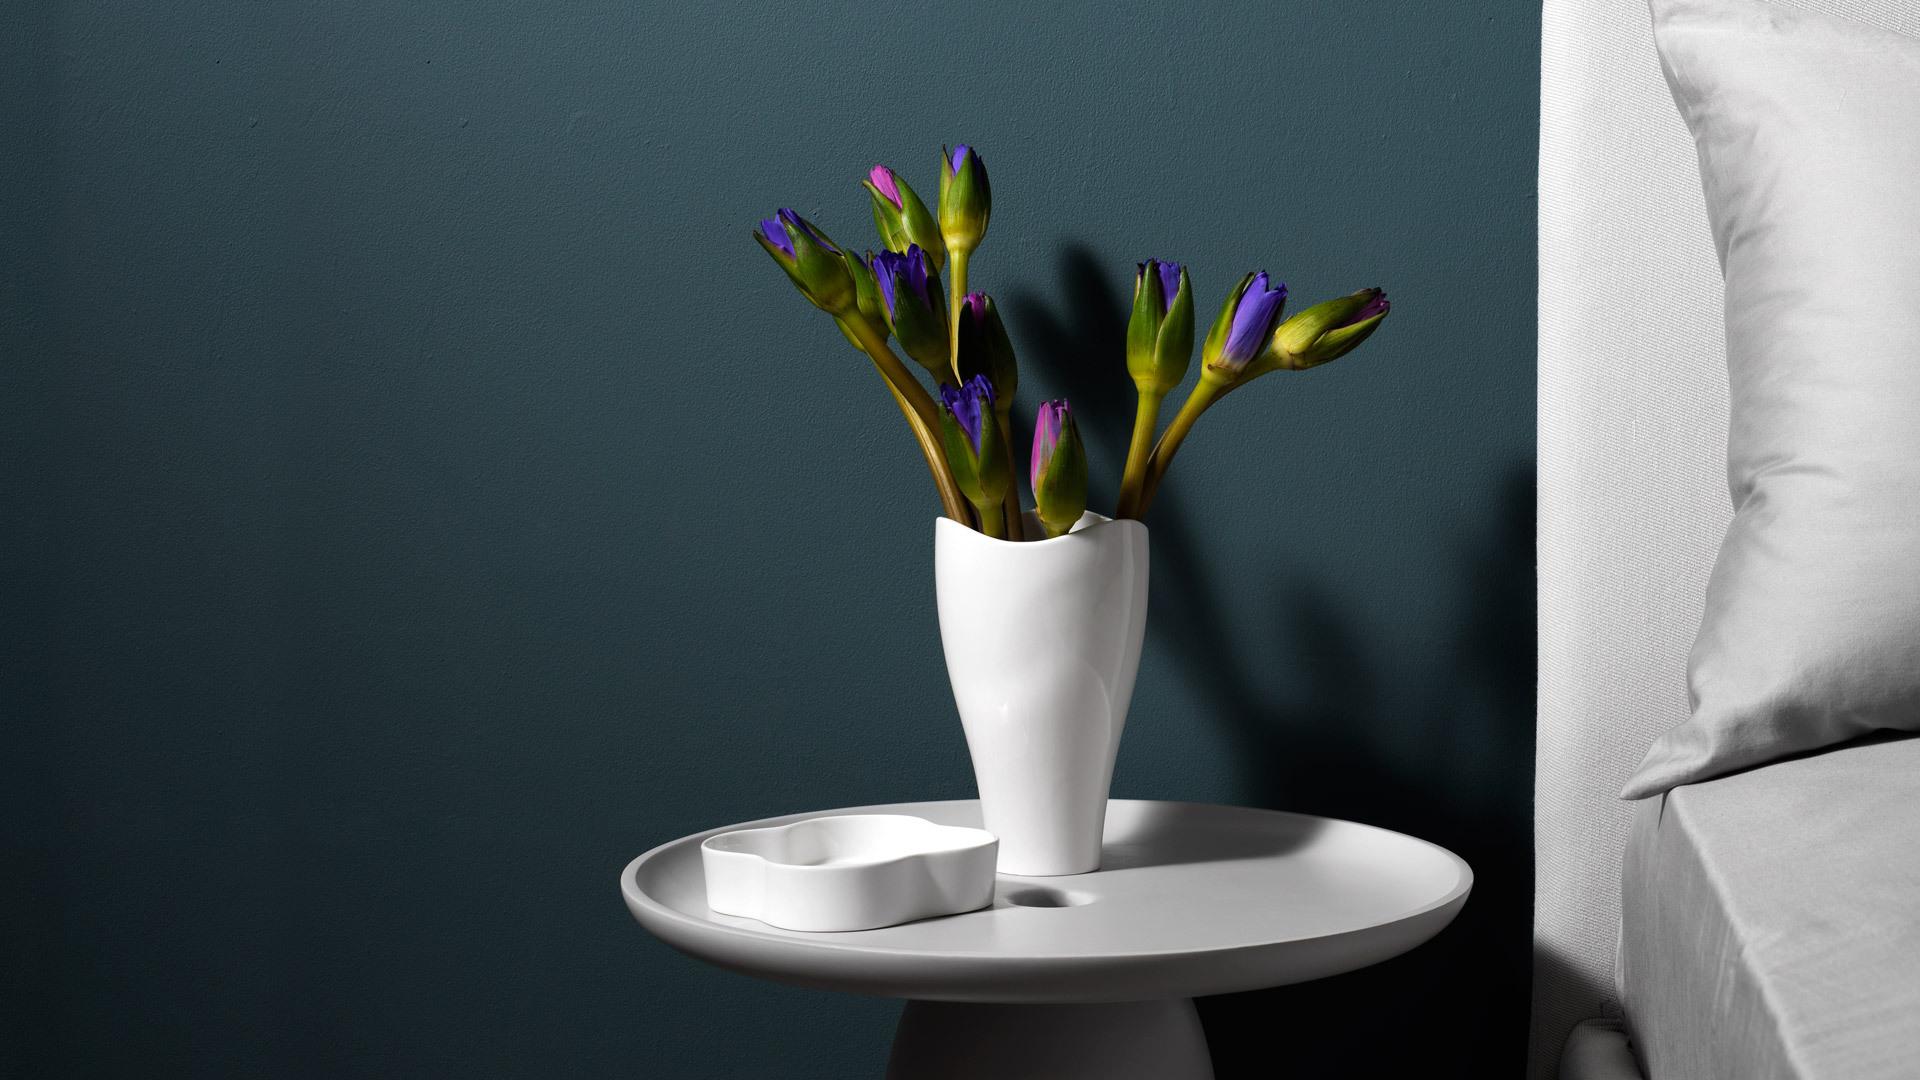 涟漪花瓶|Wavelet Vase